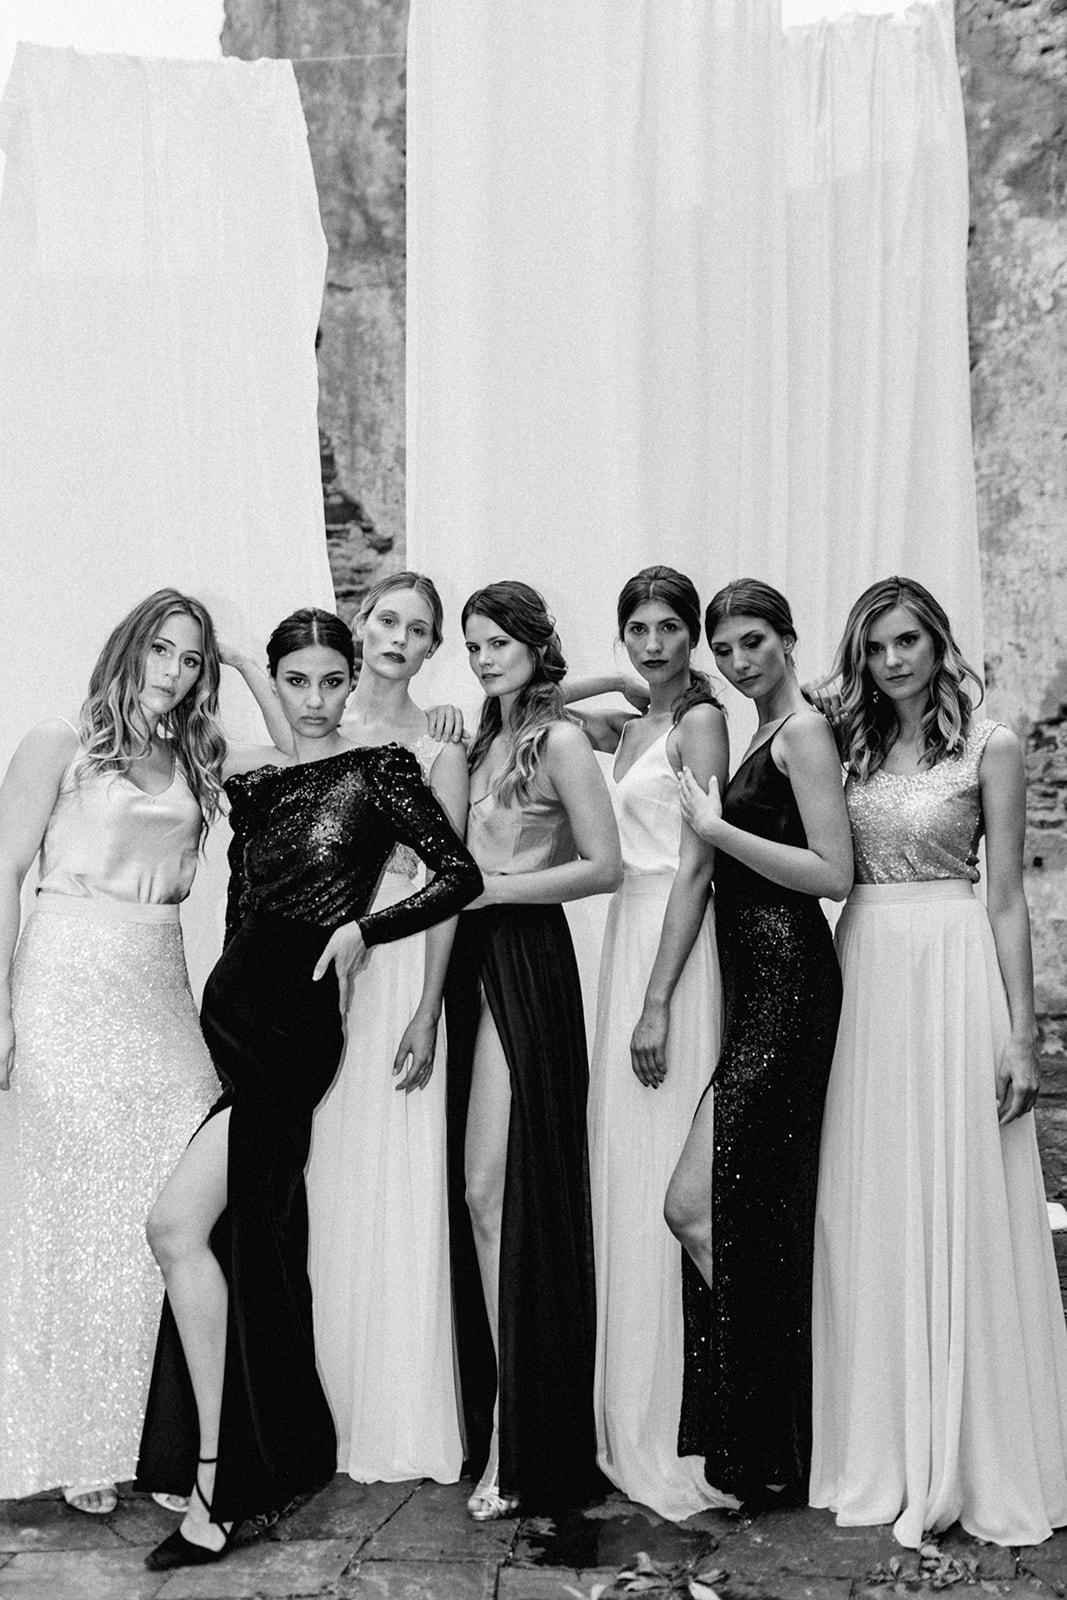 Bridesmaids, Brautjungfern, Maid of Honor, Trauzeugin, Hochzeit, Wedding, Hochzeitsgast, Wedding Fashion